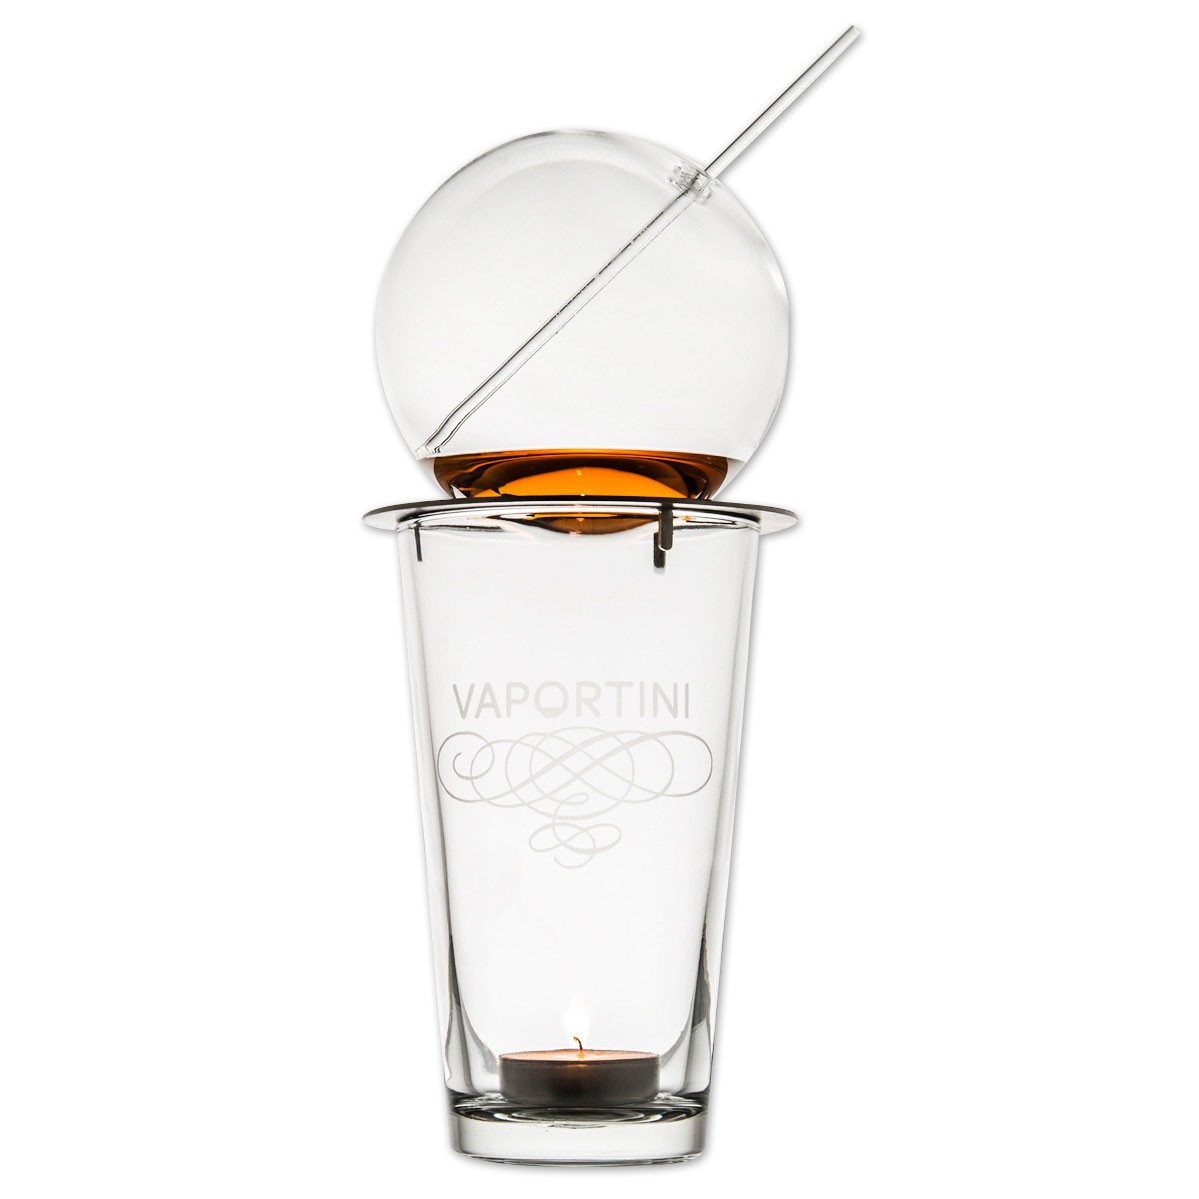 Vaportini Cocktail Inhaling Glass